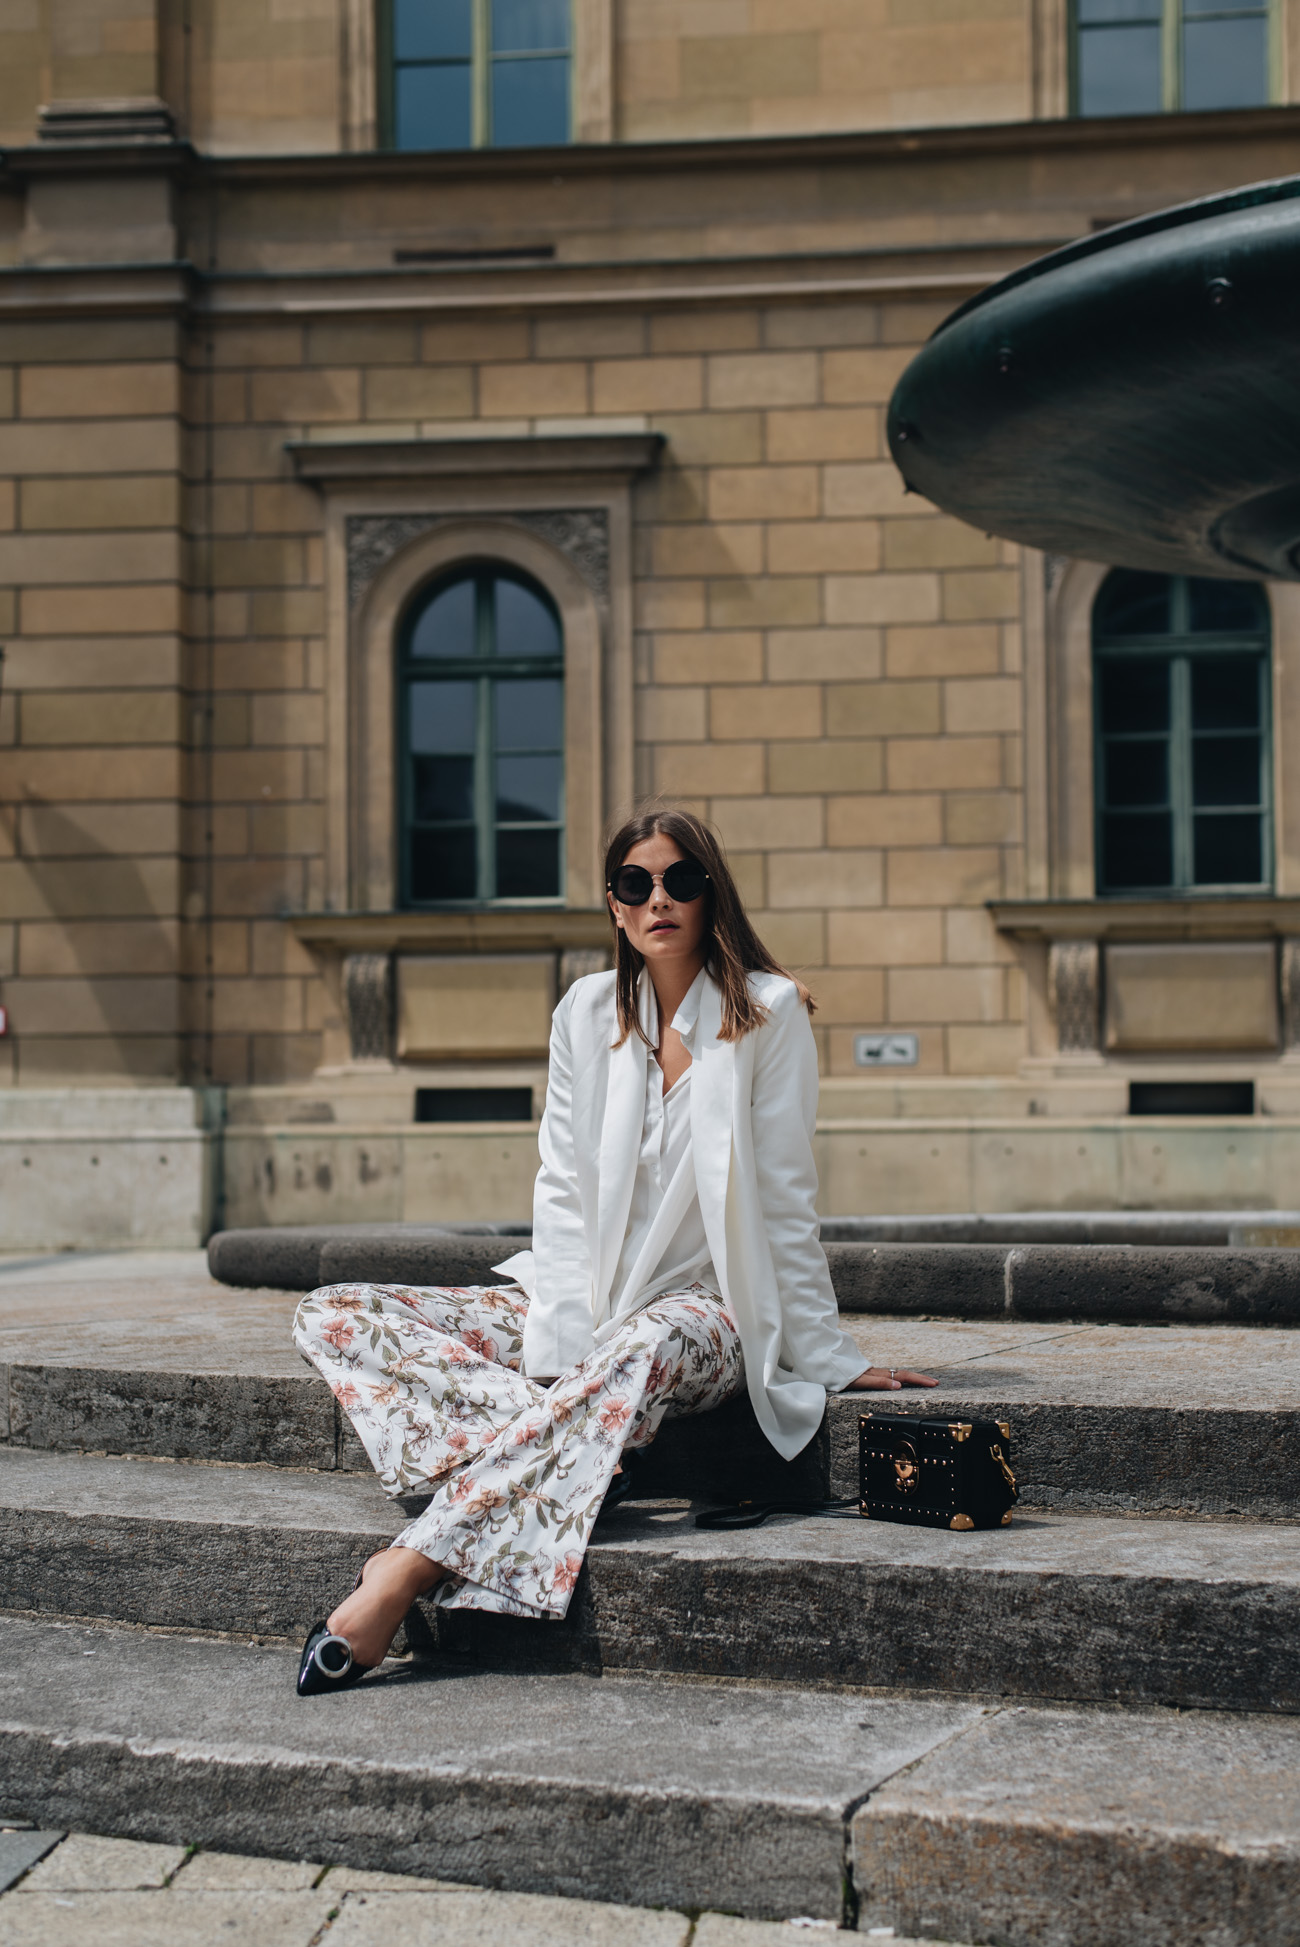 Weißer-Blazer-für-damen-kombinienren-im-sommer-stoffhos-mit-blumenmuster-nina-schwichtenberg-fashiioncarpet